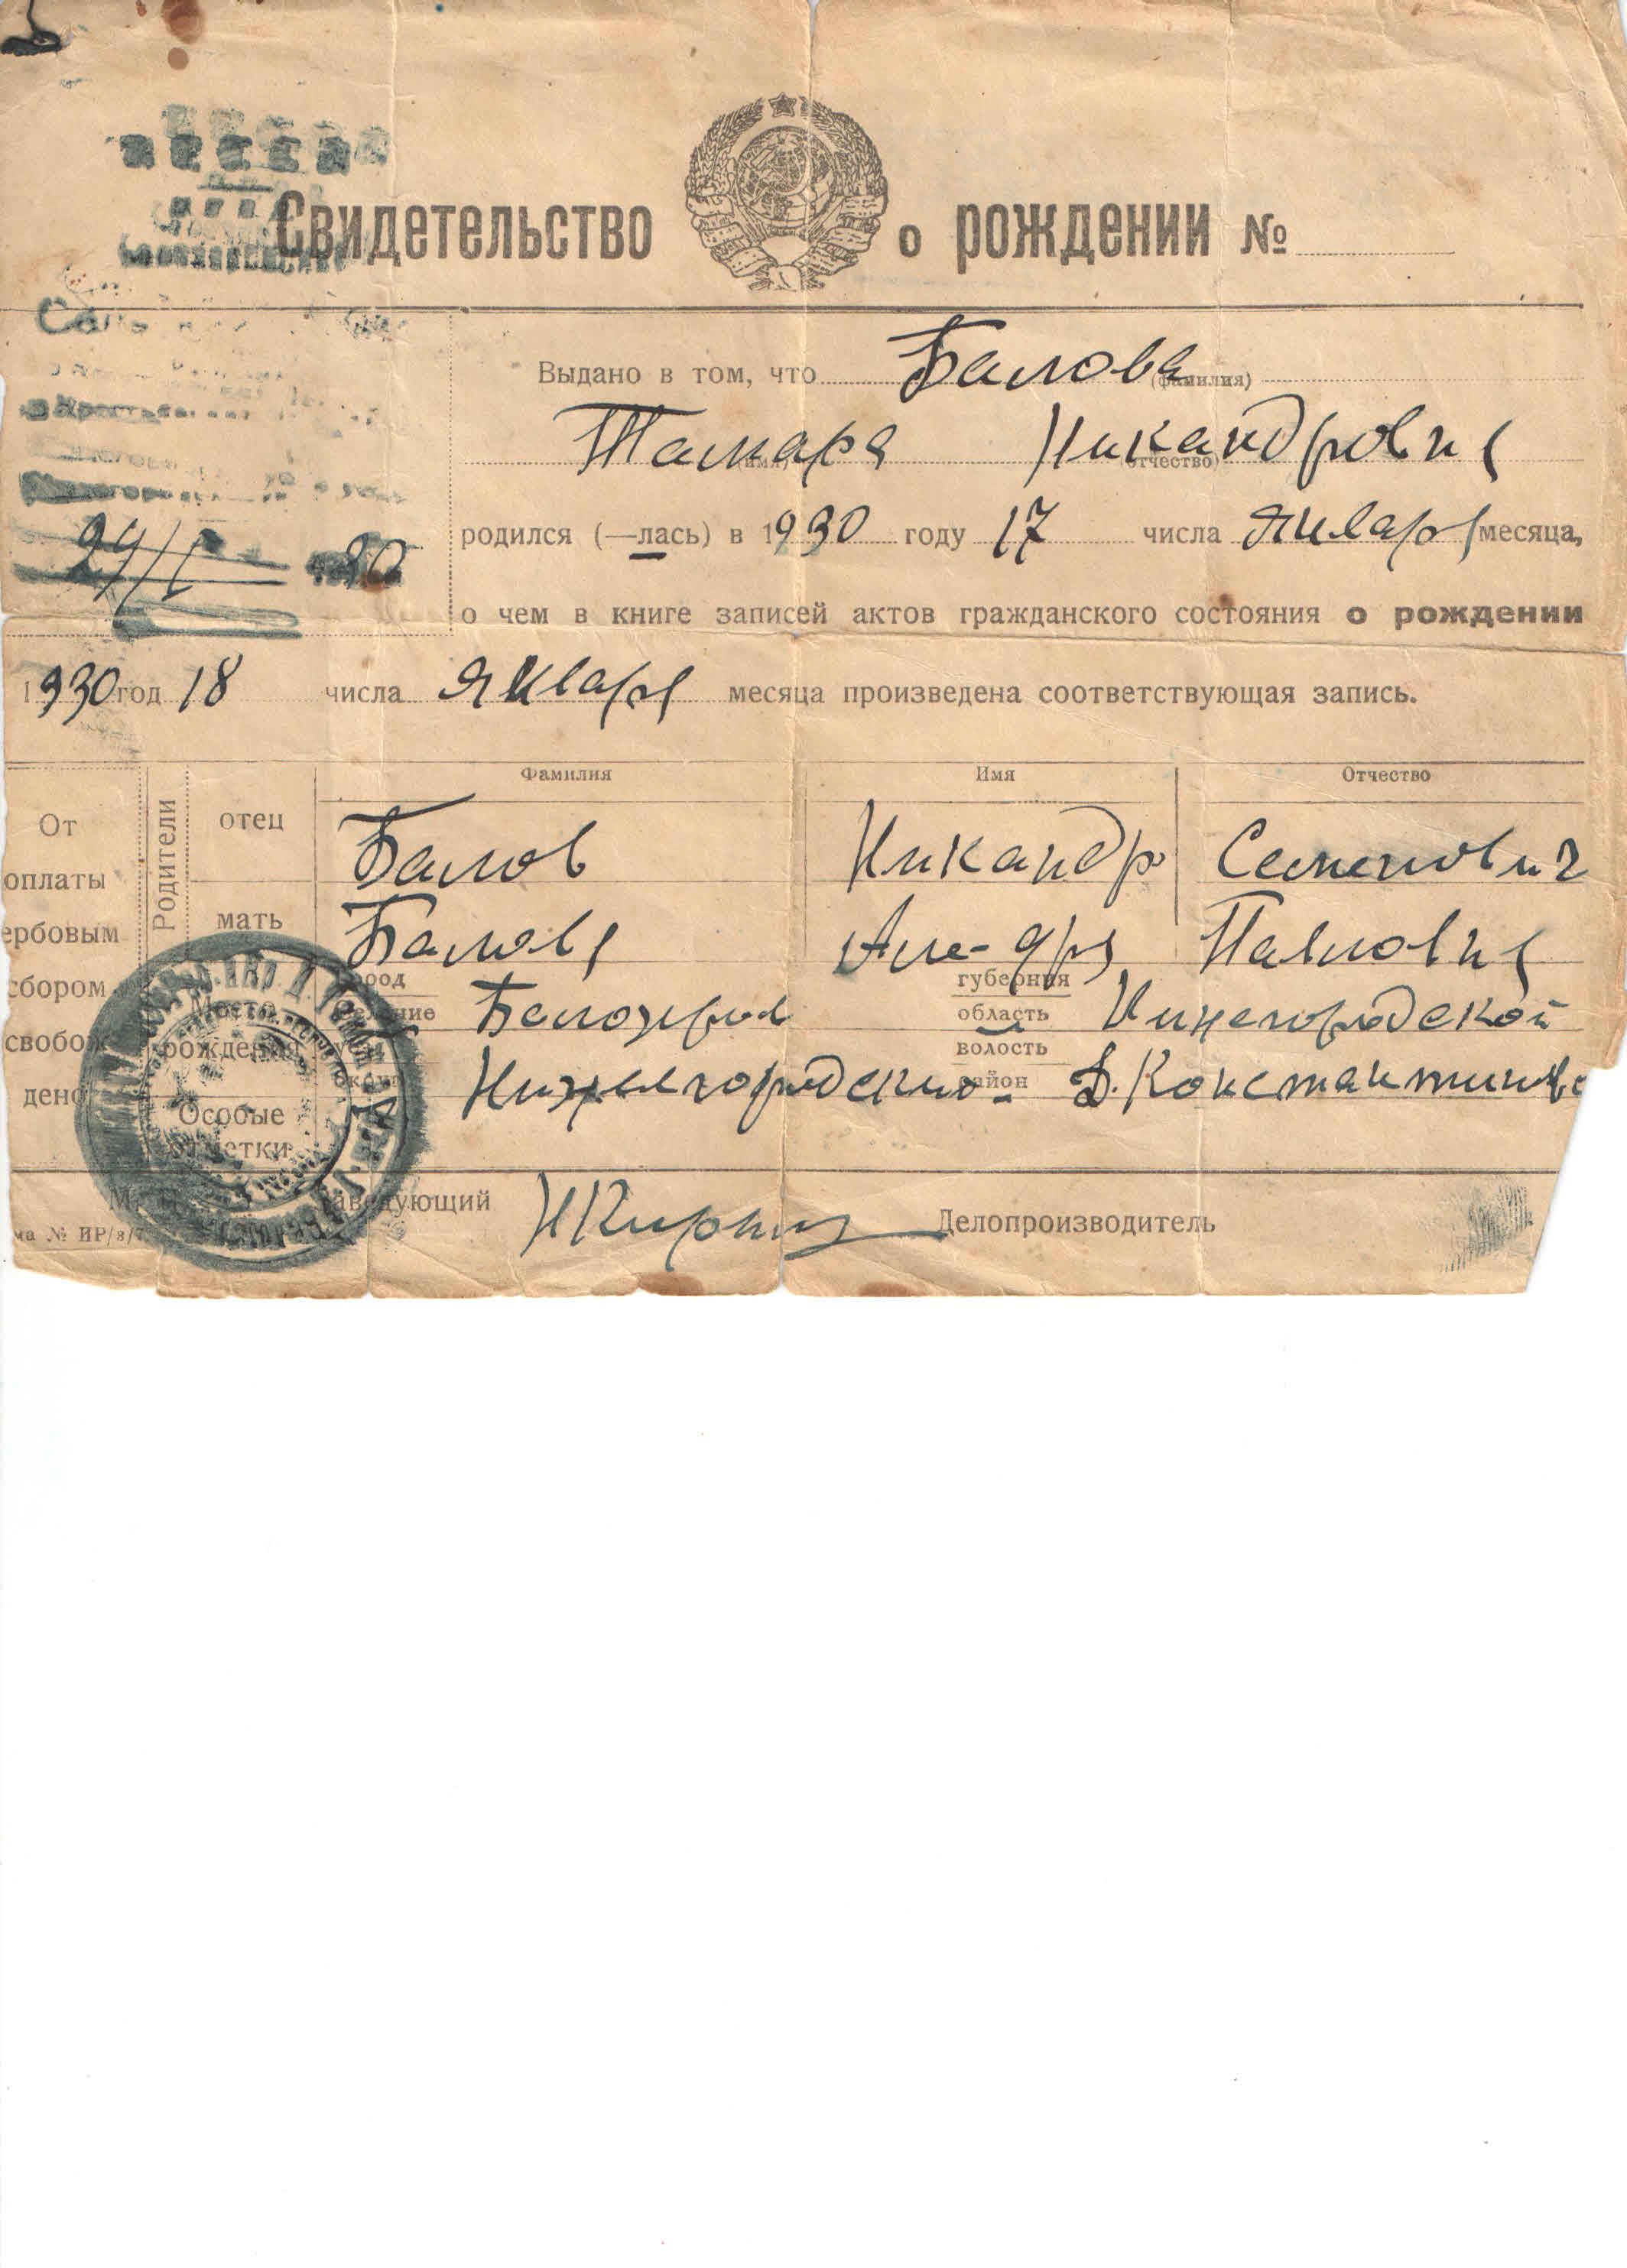 C:\Documents and Settings\Admin\Рабочий стол\Для Гоголевой Лизы\СР для Лизы.jpg